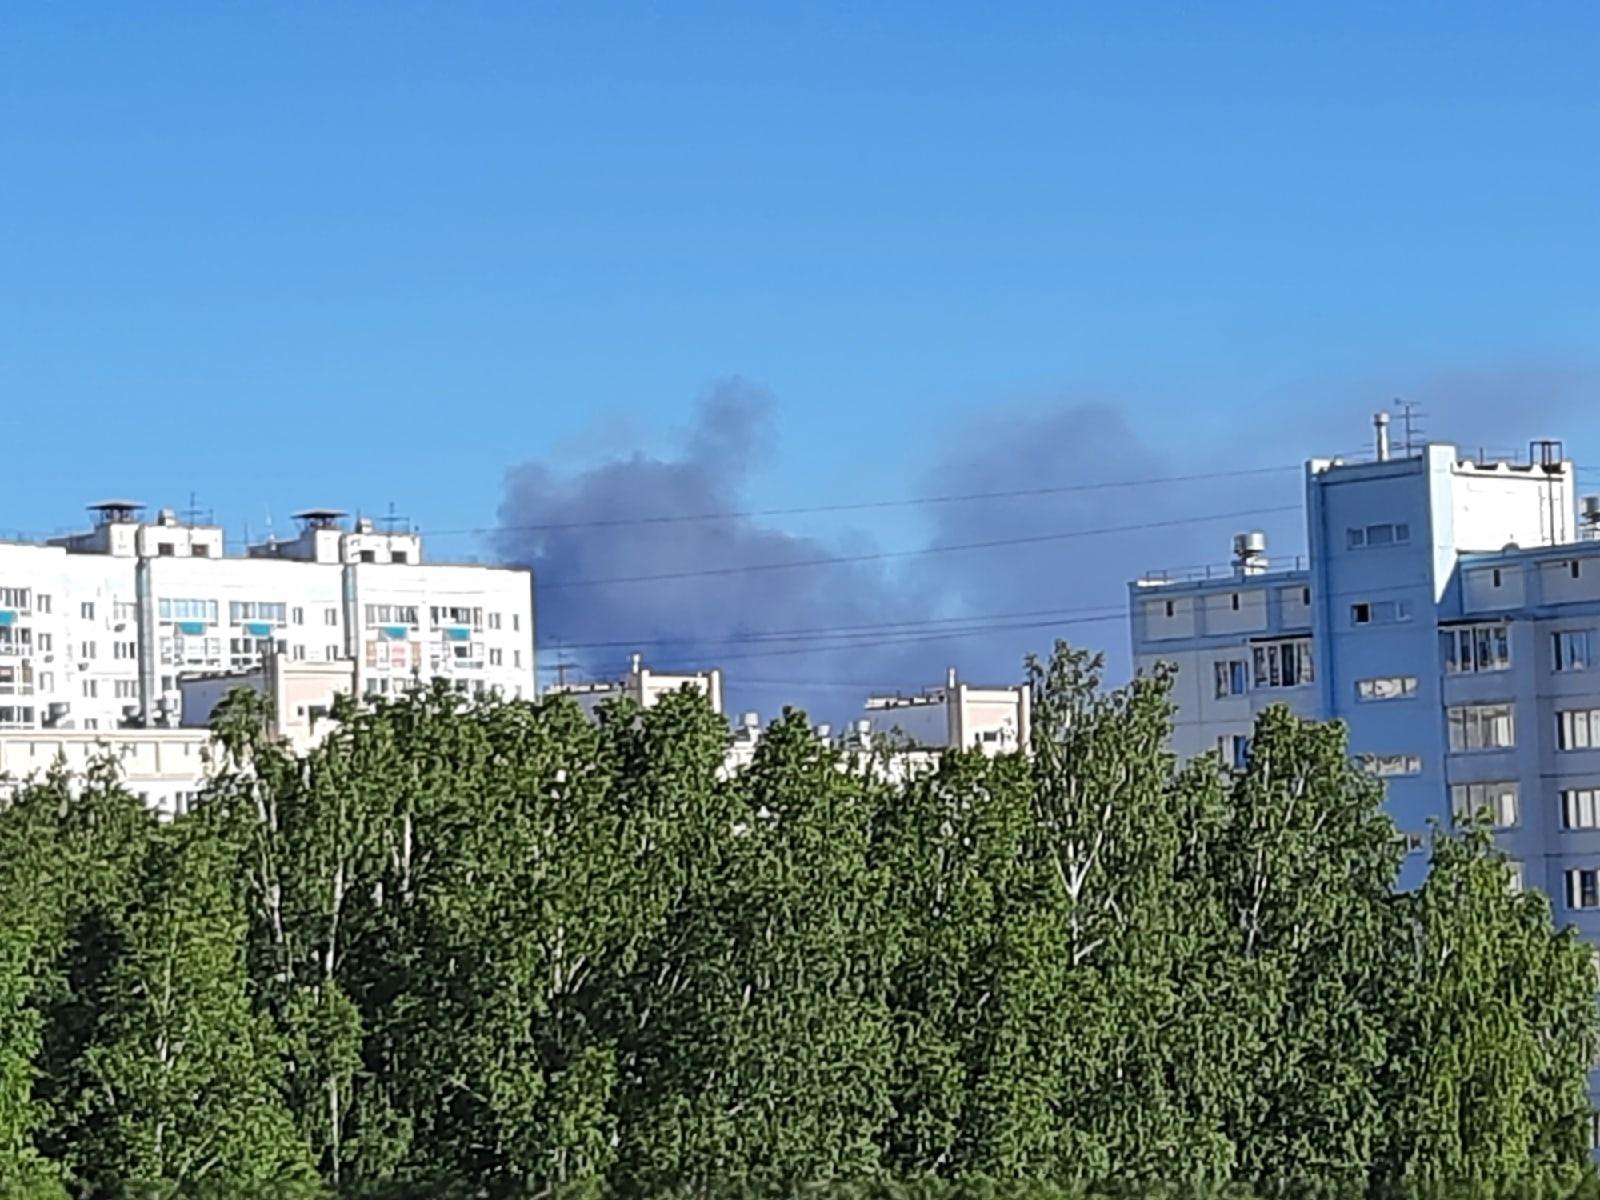 фото В МЧС рассказали подробности крупного пожара на АЗС в Новосибирске 2